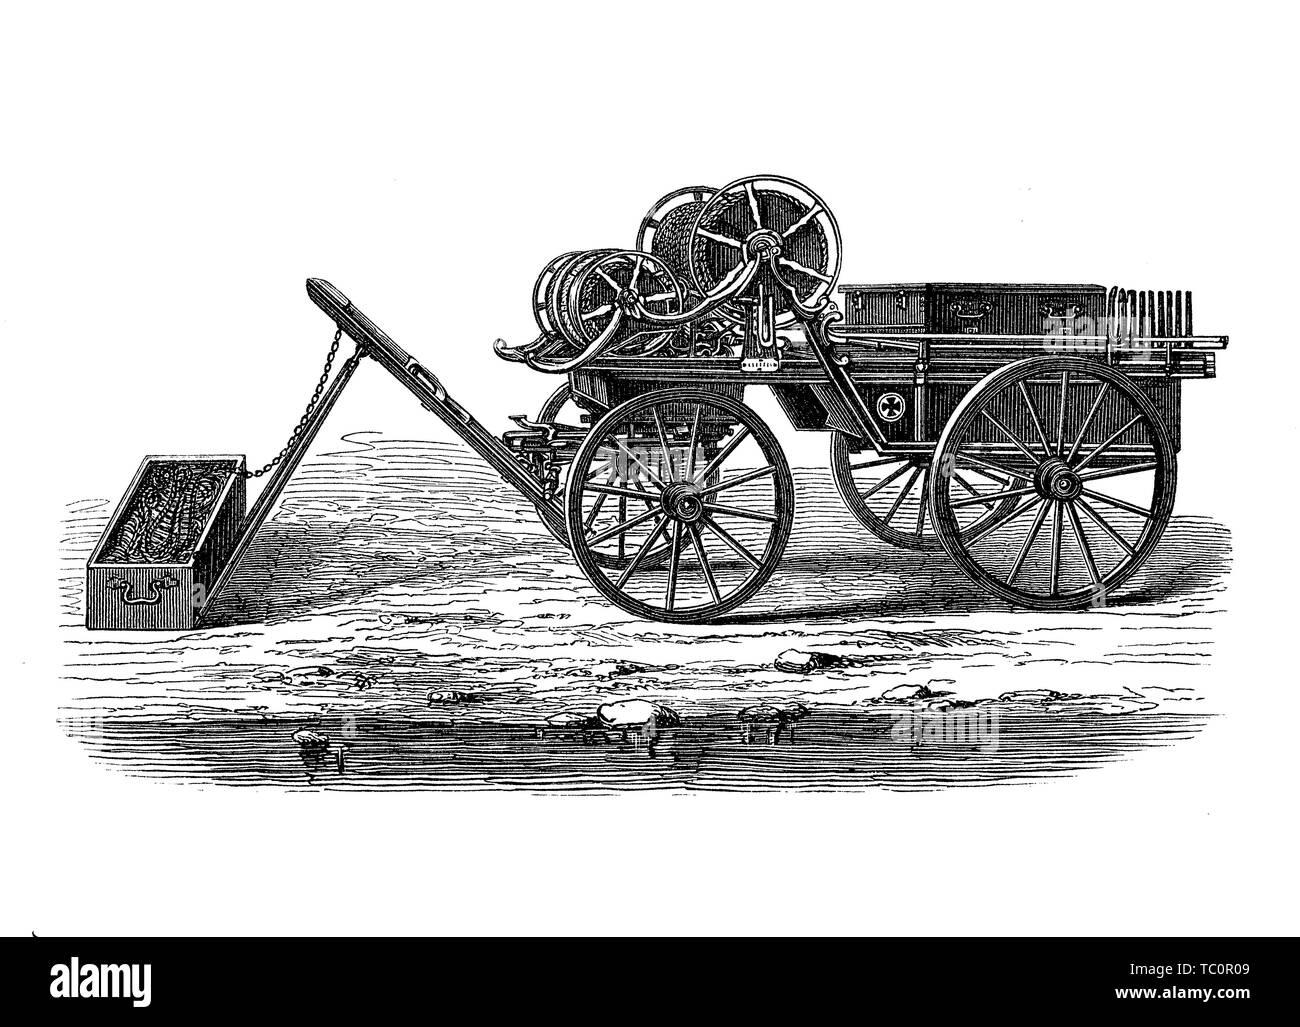 Lanzador de cohetes pistola con línea adjunta para fines de rescate o como arma, del siglo XIX. Imagen De Stock